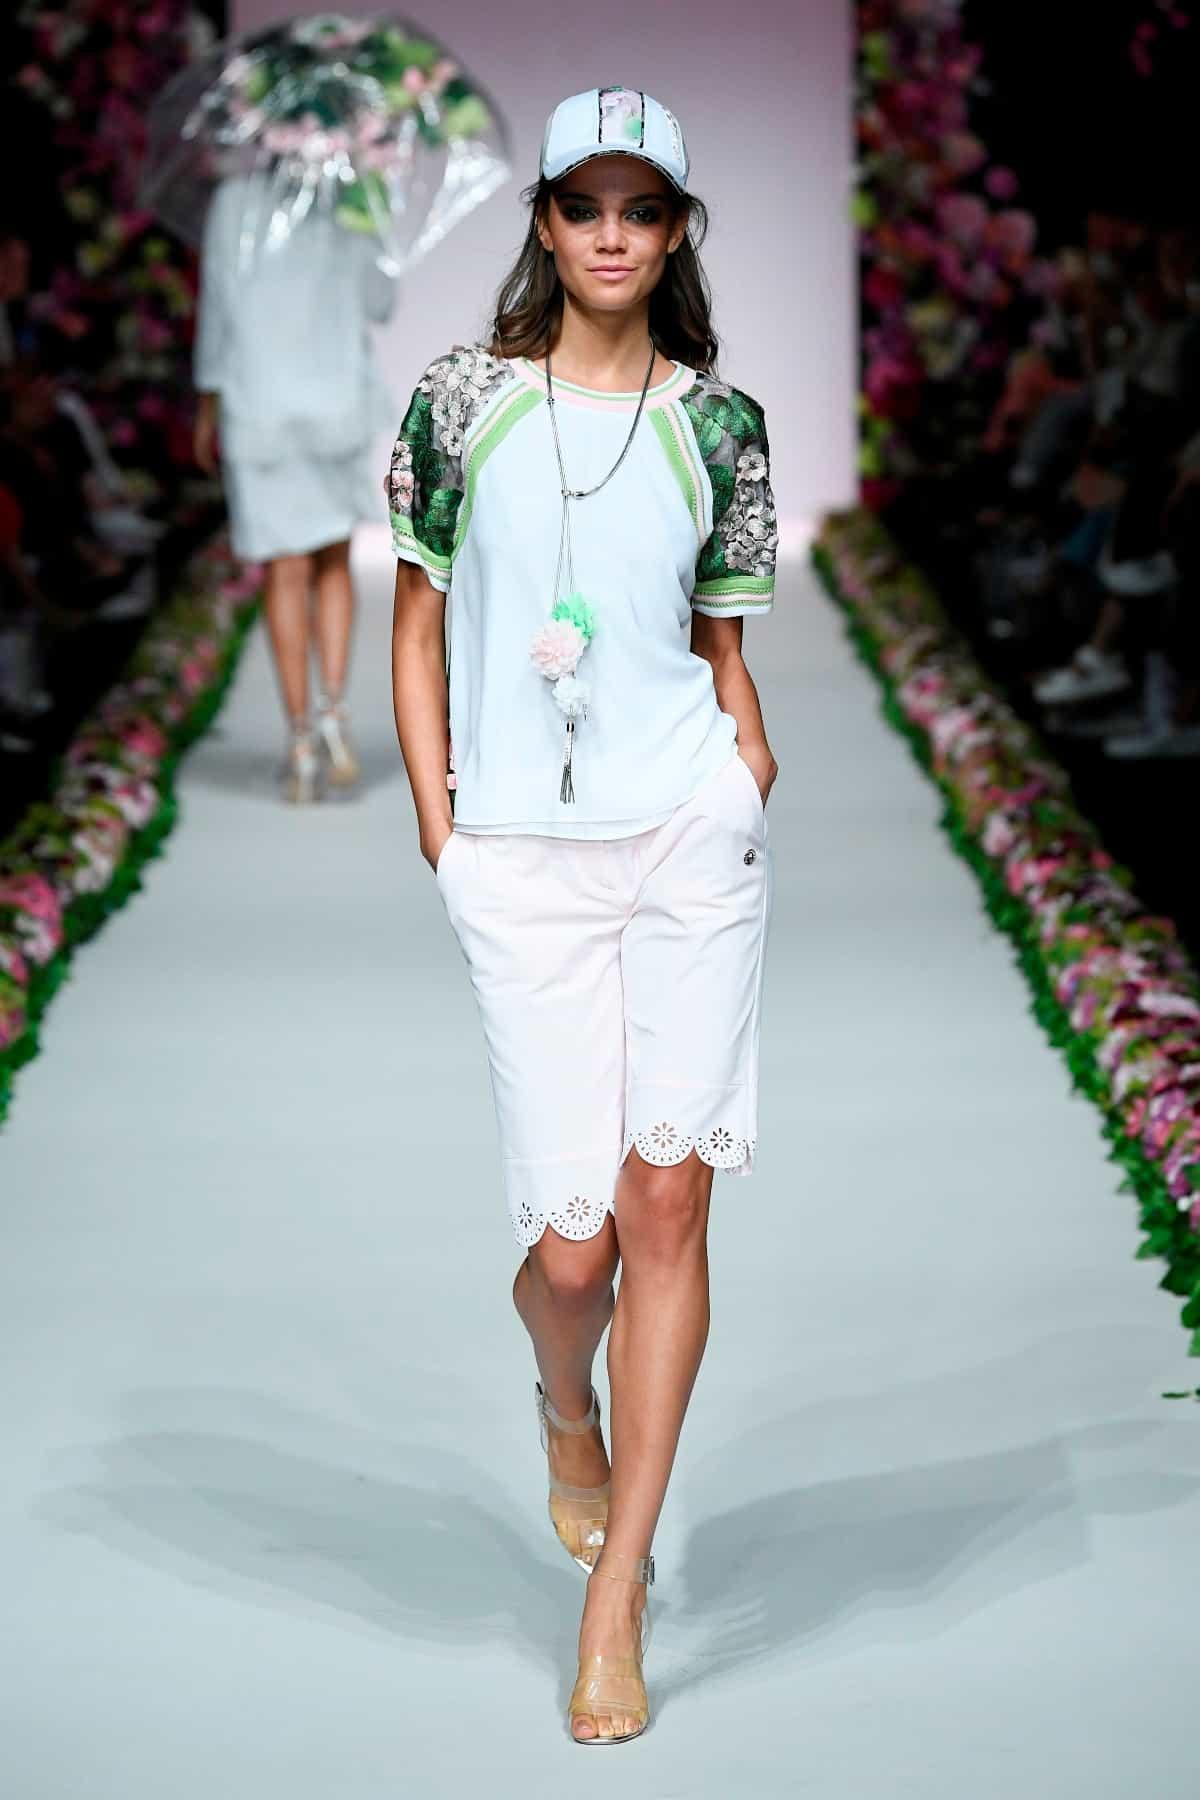 Weiß in der Mode Sommer 2020 von Sportalm zur MBFW Berlin Juli 2019 - 1